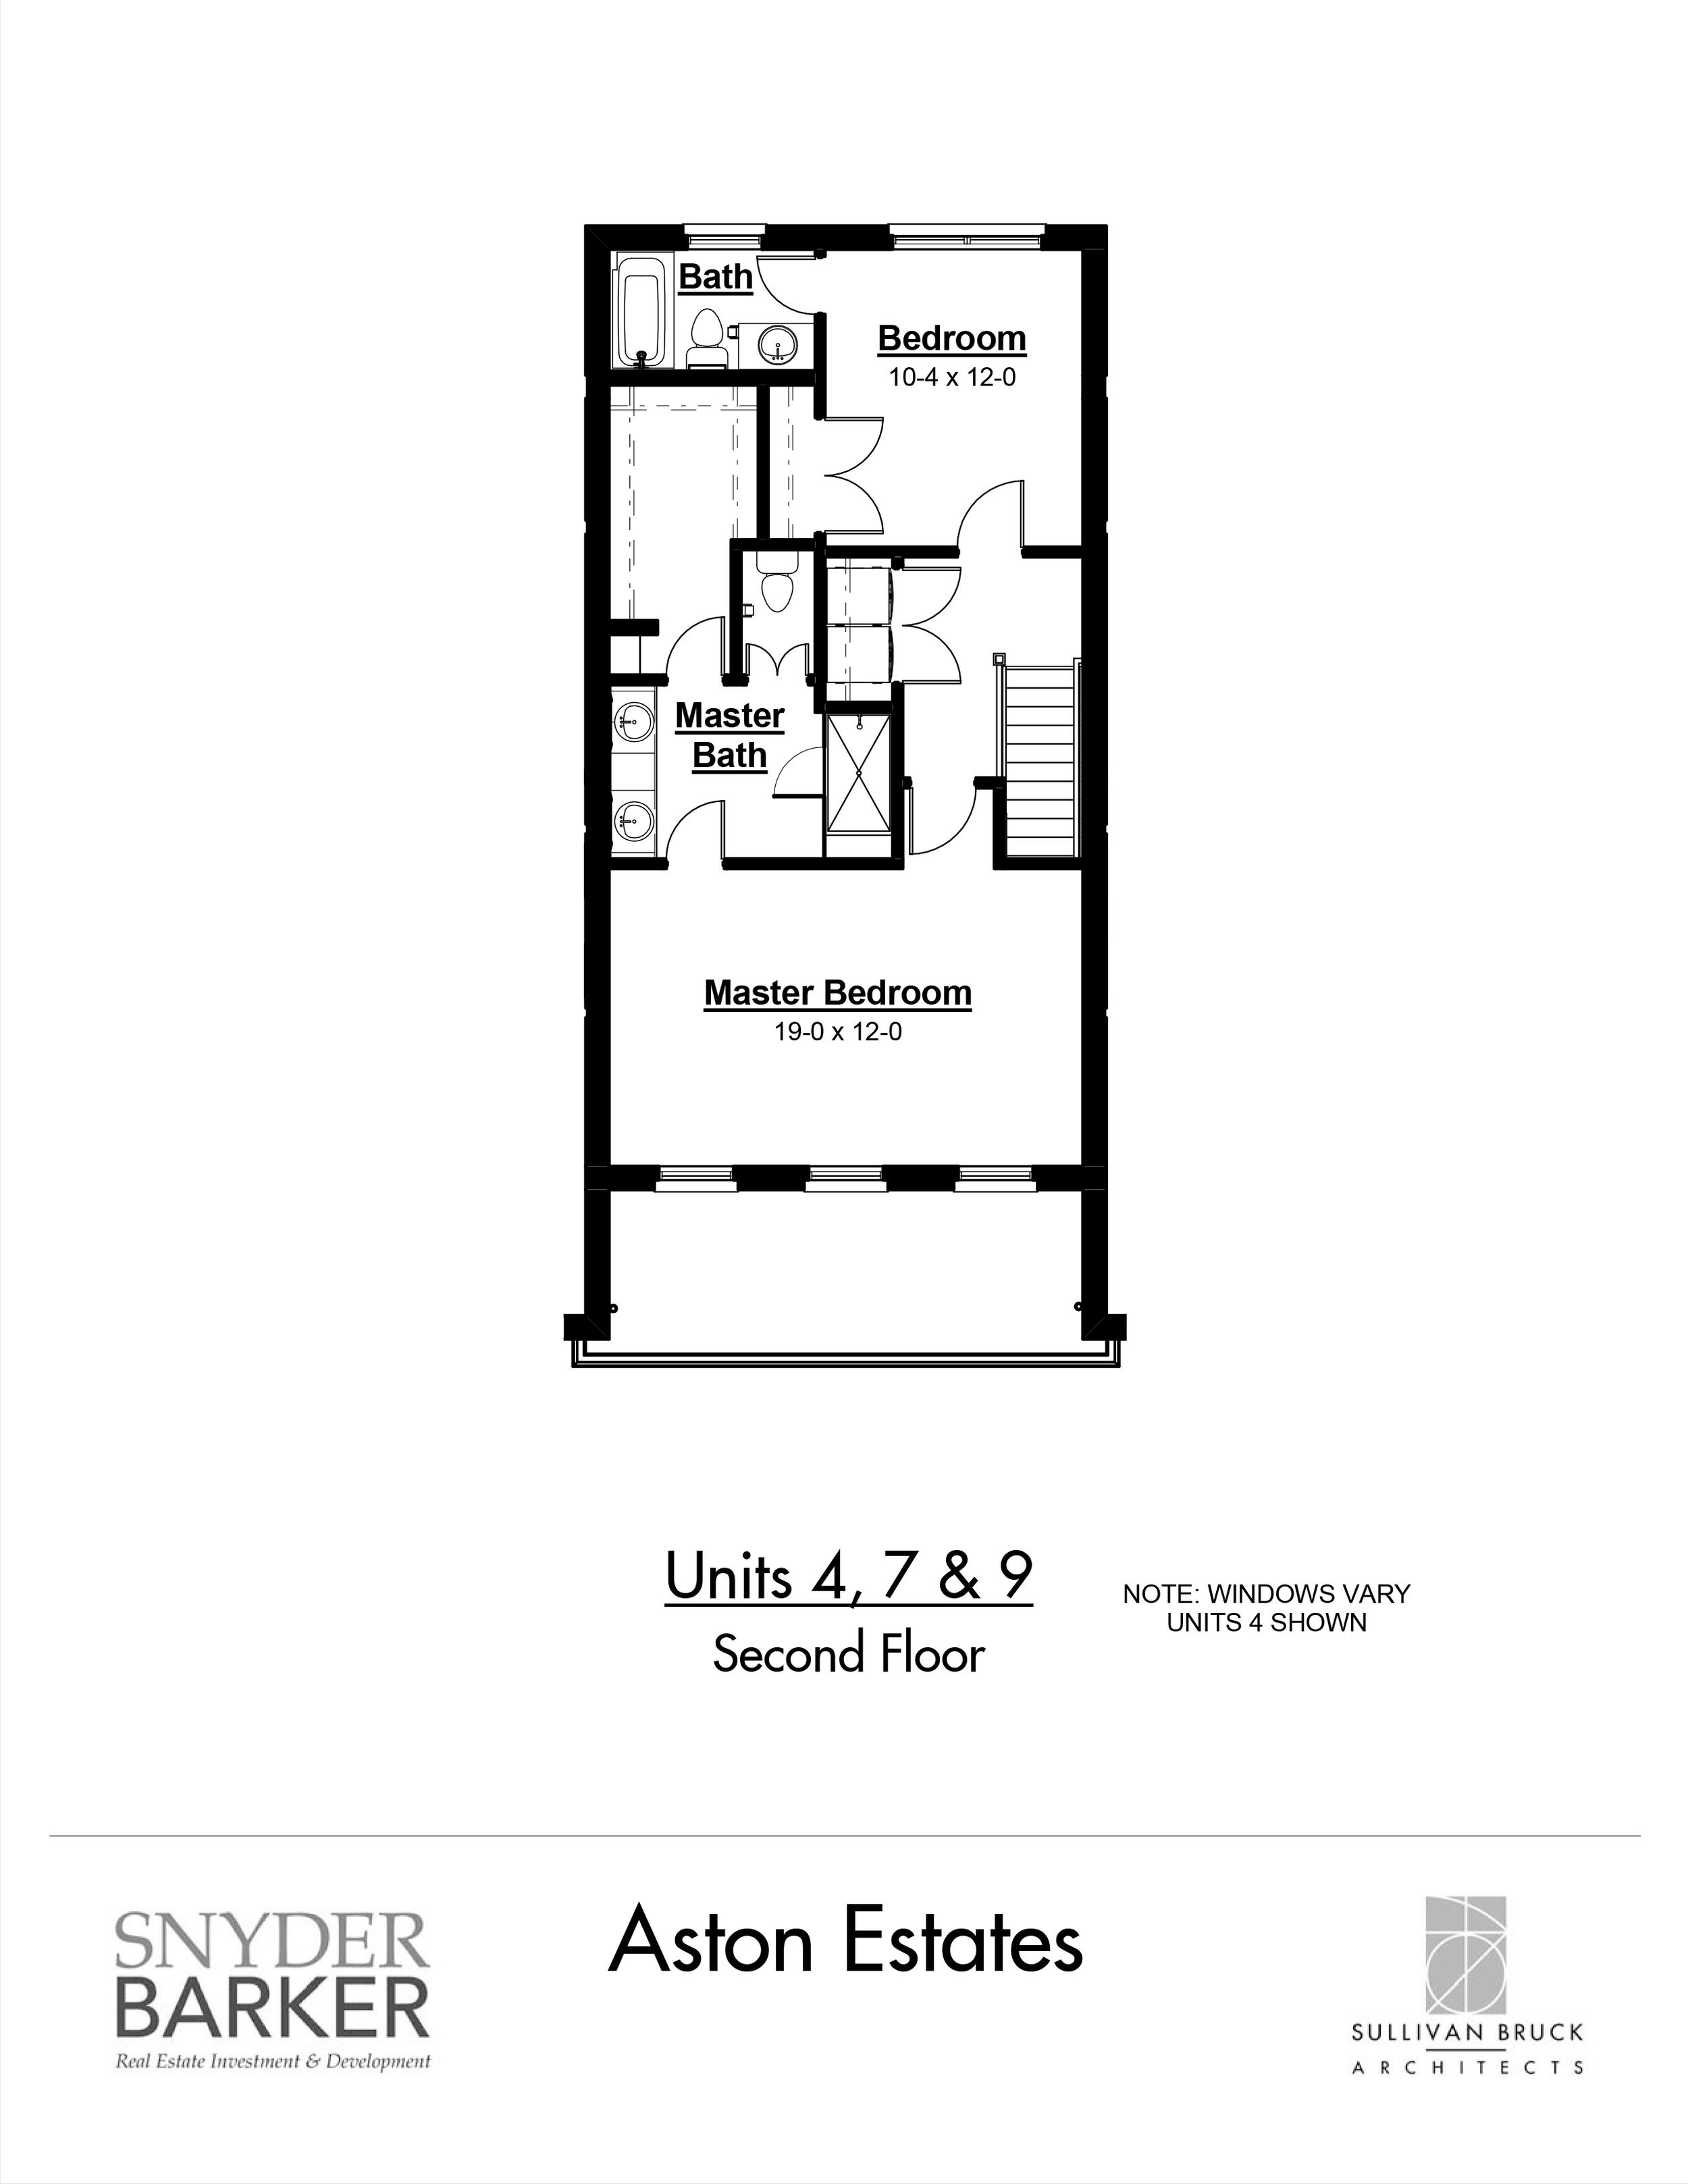 Aston_Estates_Unit_4_7_9_Second_Floor.jpg